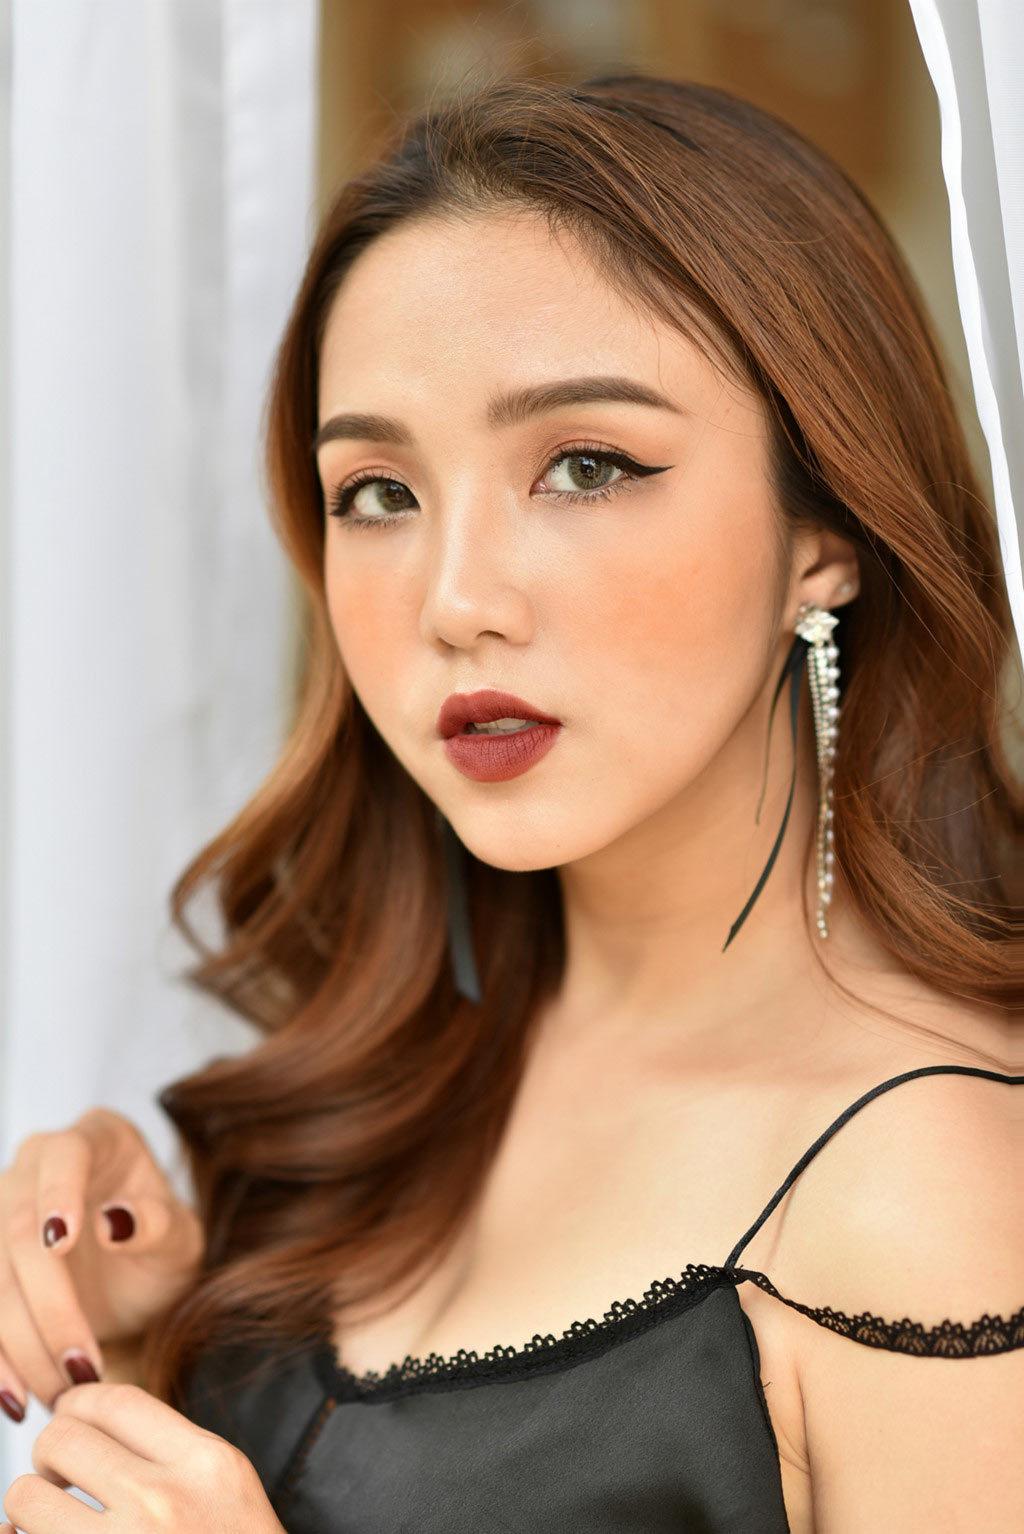 Cựu nữ sinh Việt Đức đóng MV 'Tình đơn phương' cover là ai?